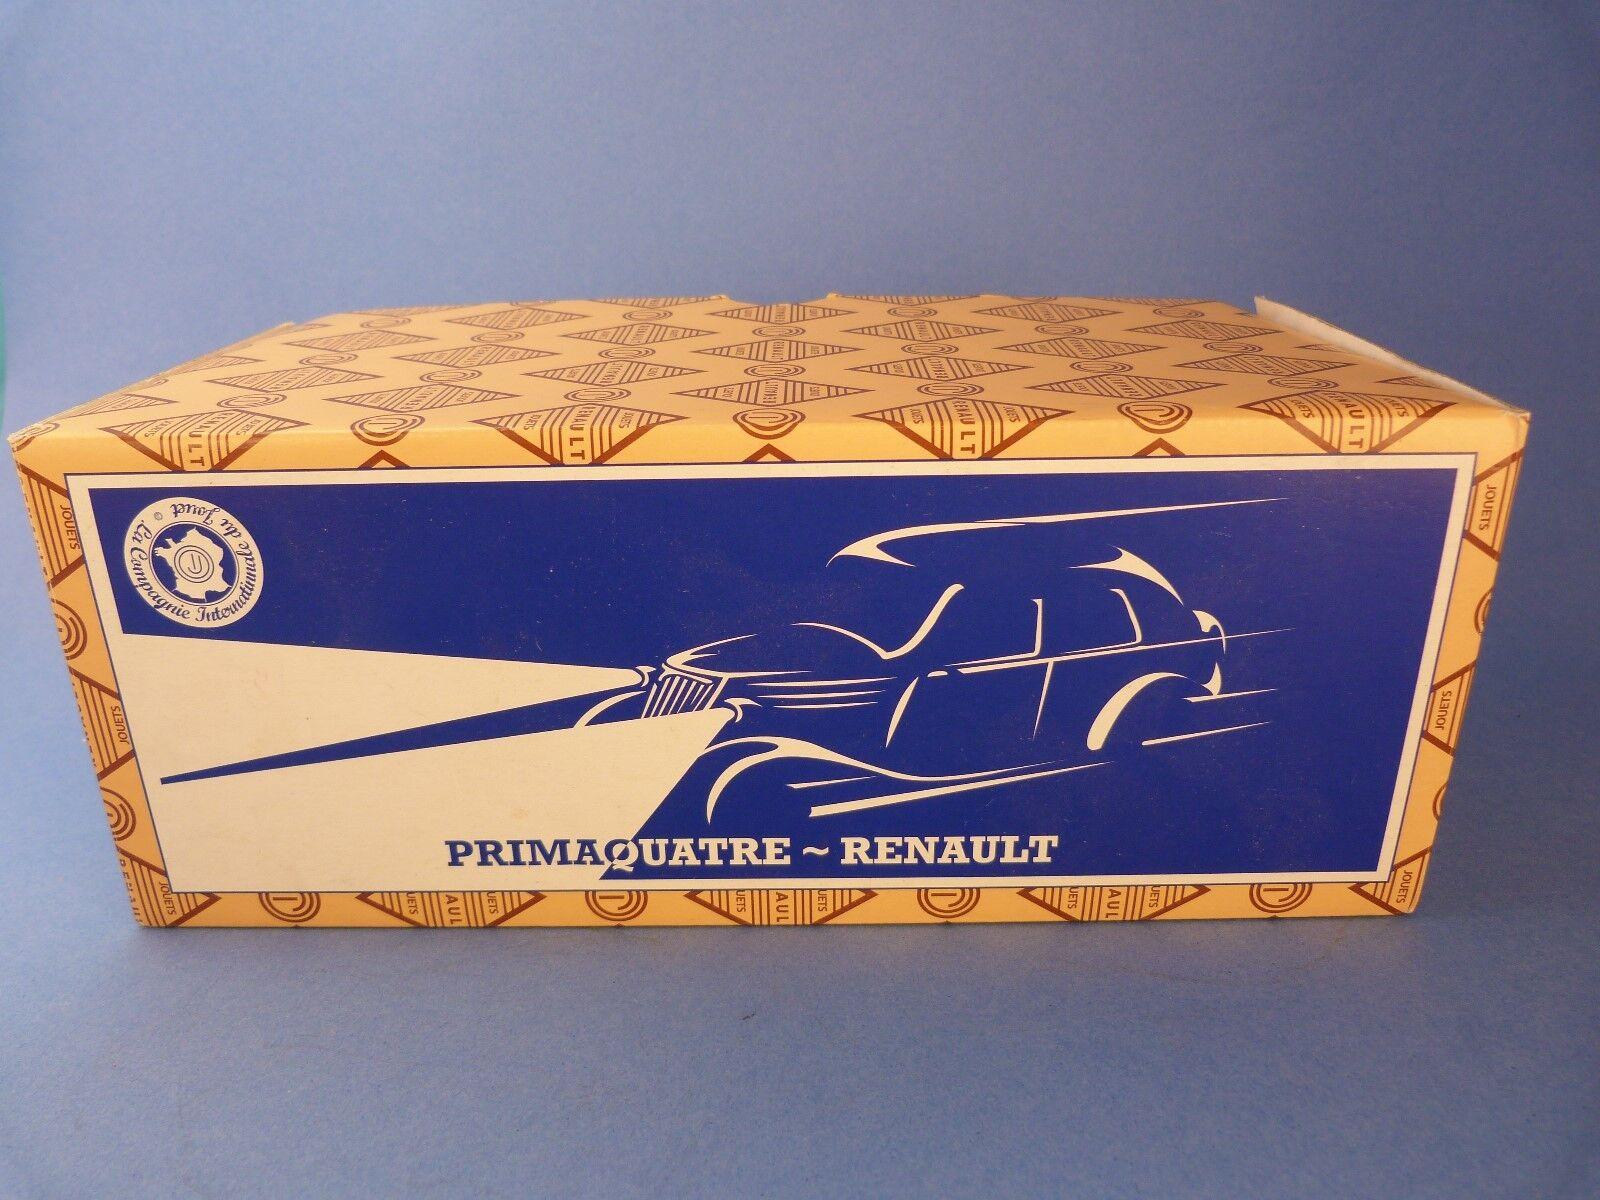 Renault Primaquatre à clef édition limitée 1000 ex ex ex - CIJ par NOREV neuf en boîte dda598